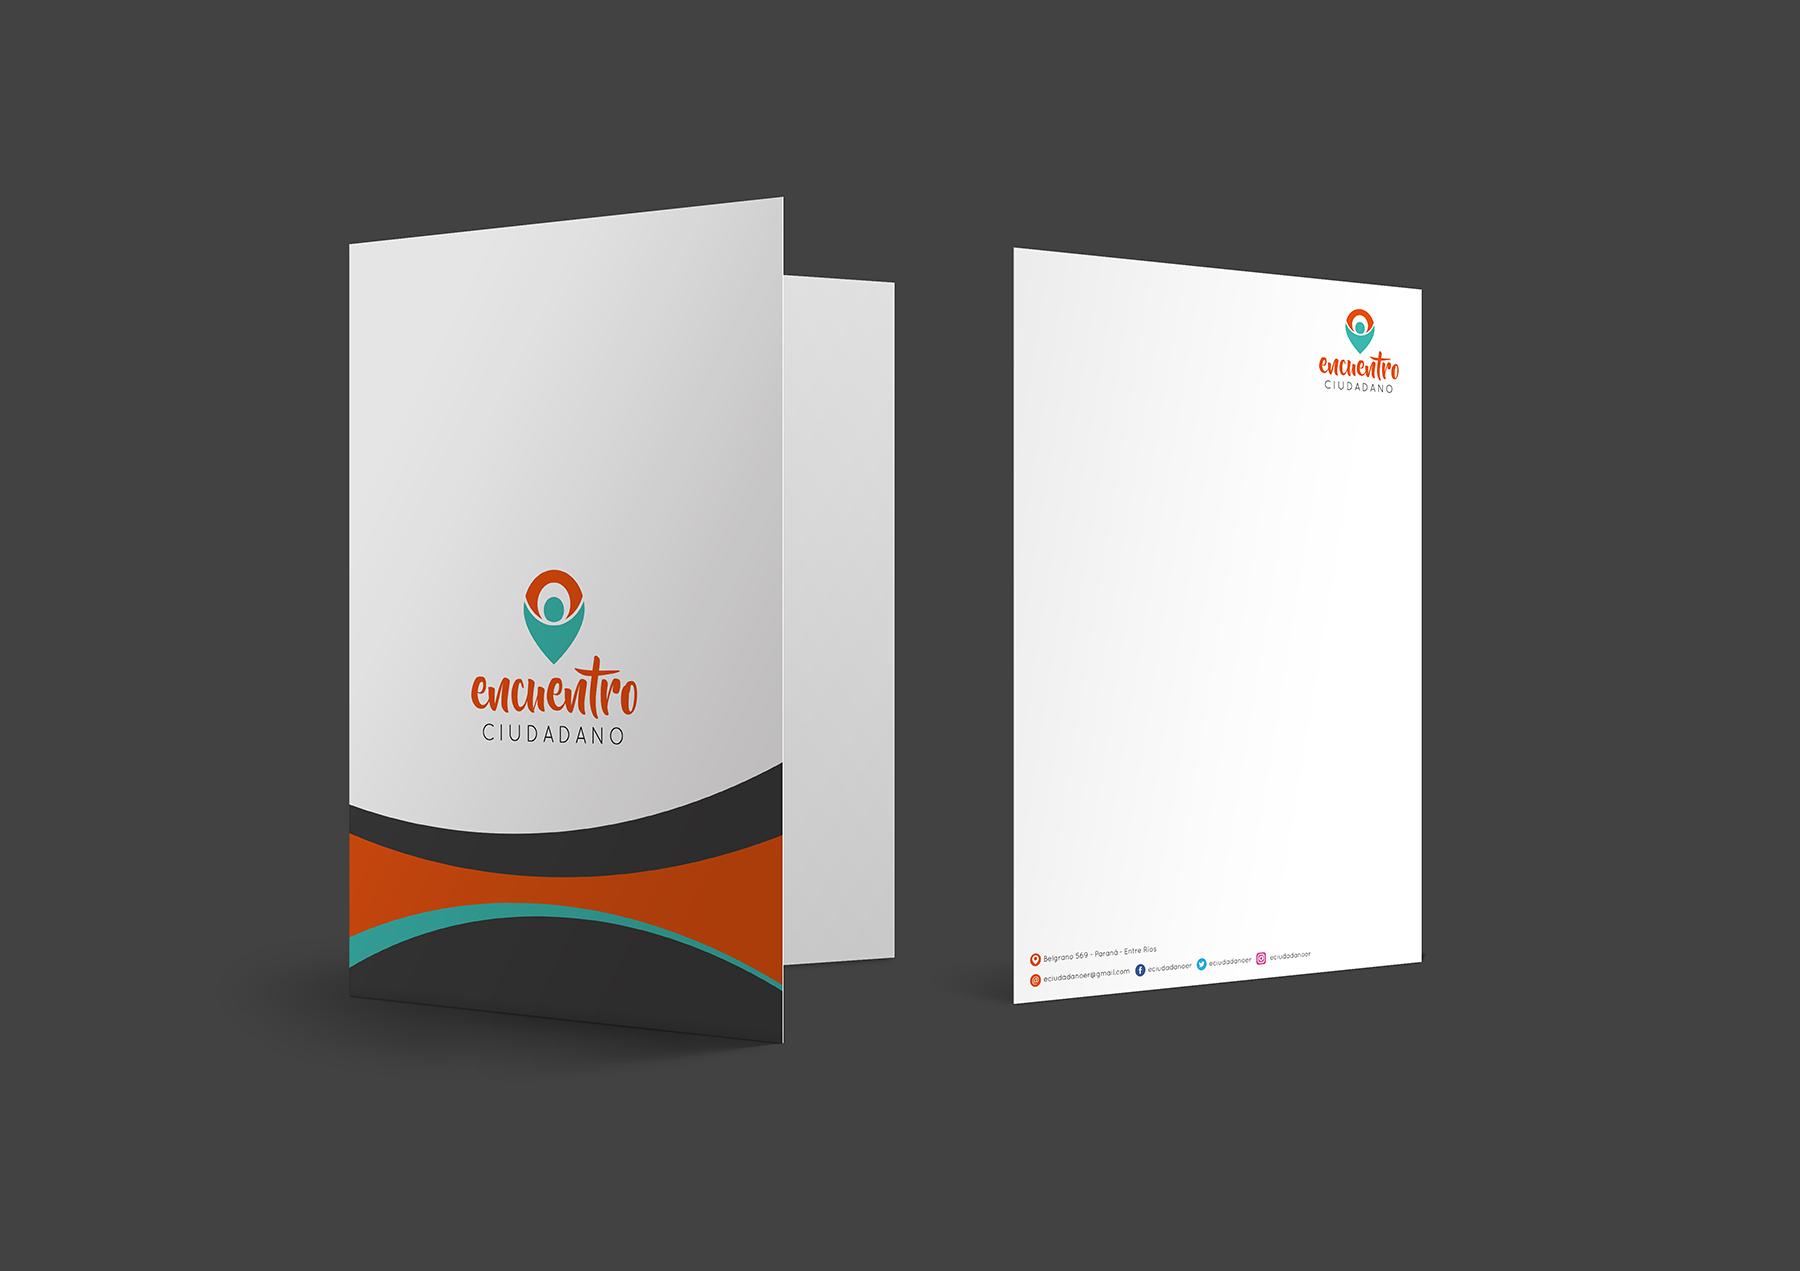 Sistema gráfico y papelería institucional - carpeta